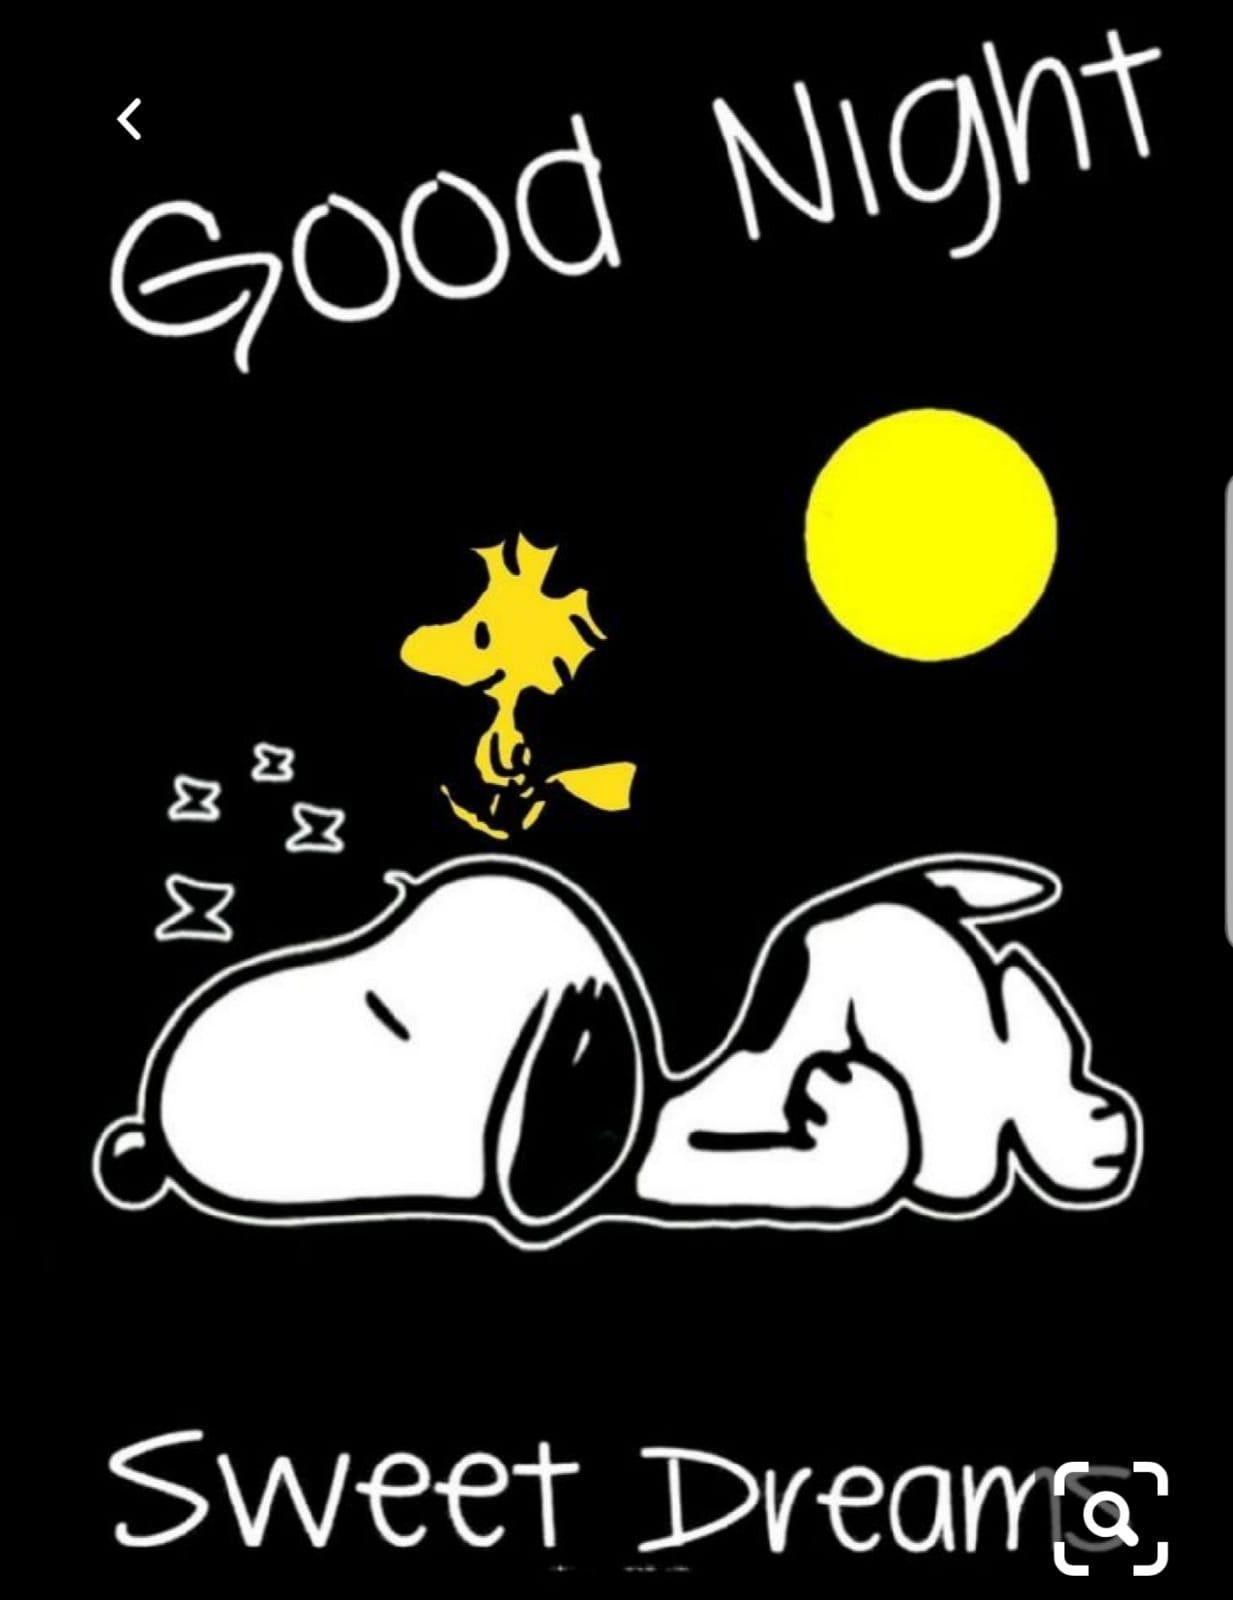 Pin Von Monika Kuchem Auf Gute Nacht Schönen Abend Snoopy Bilder Snoopy Zitate Gif Bilder Gute Nacht